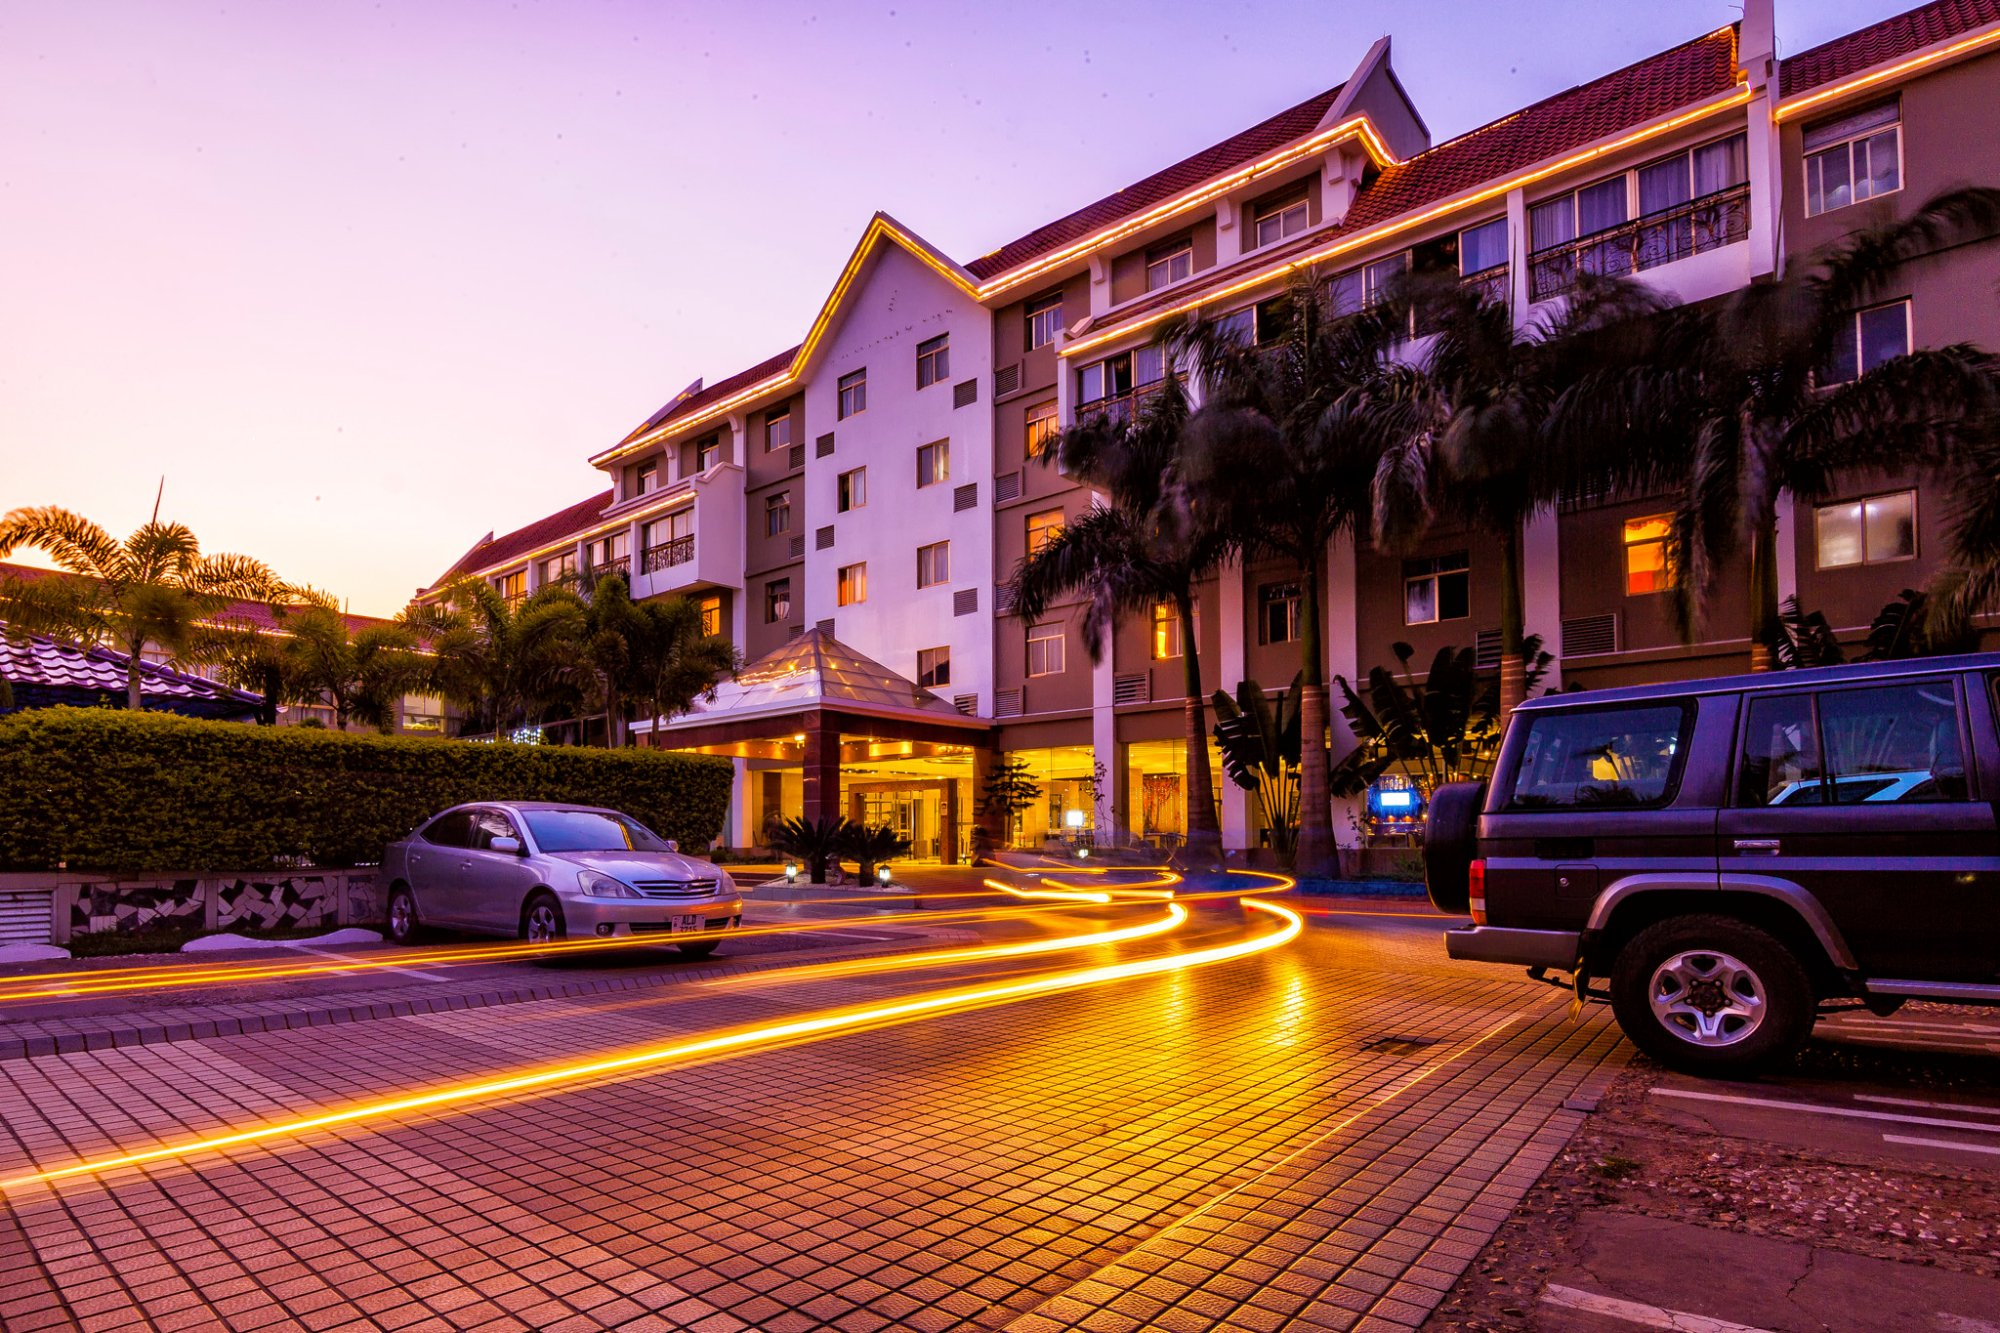 베스트 웨스턴 플러스 루사카 그랜드 호텔